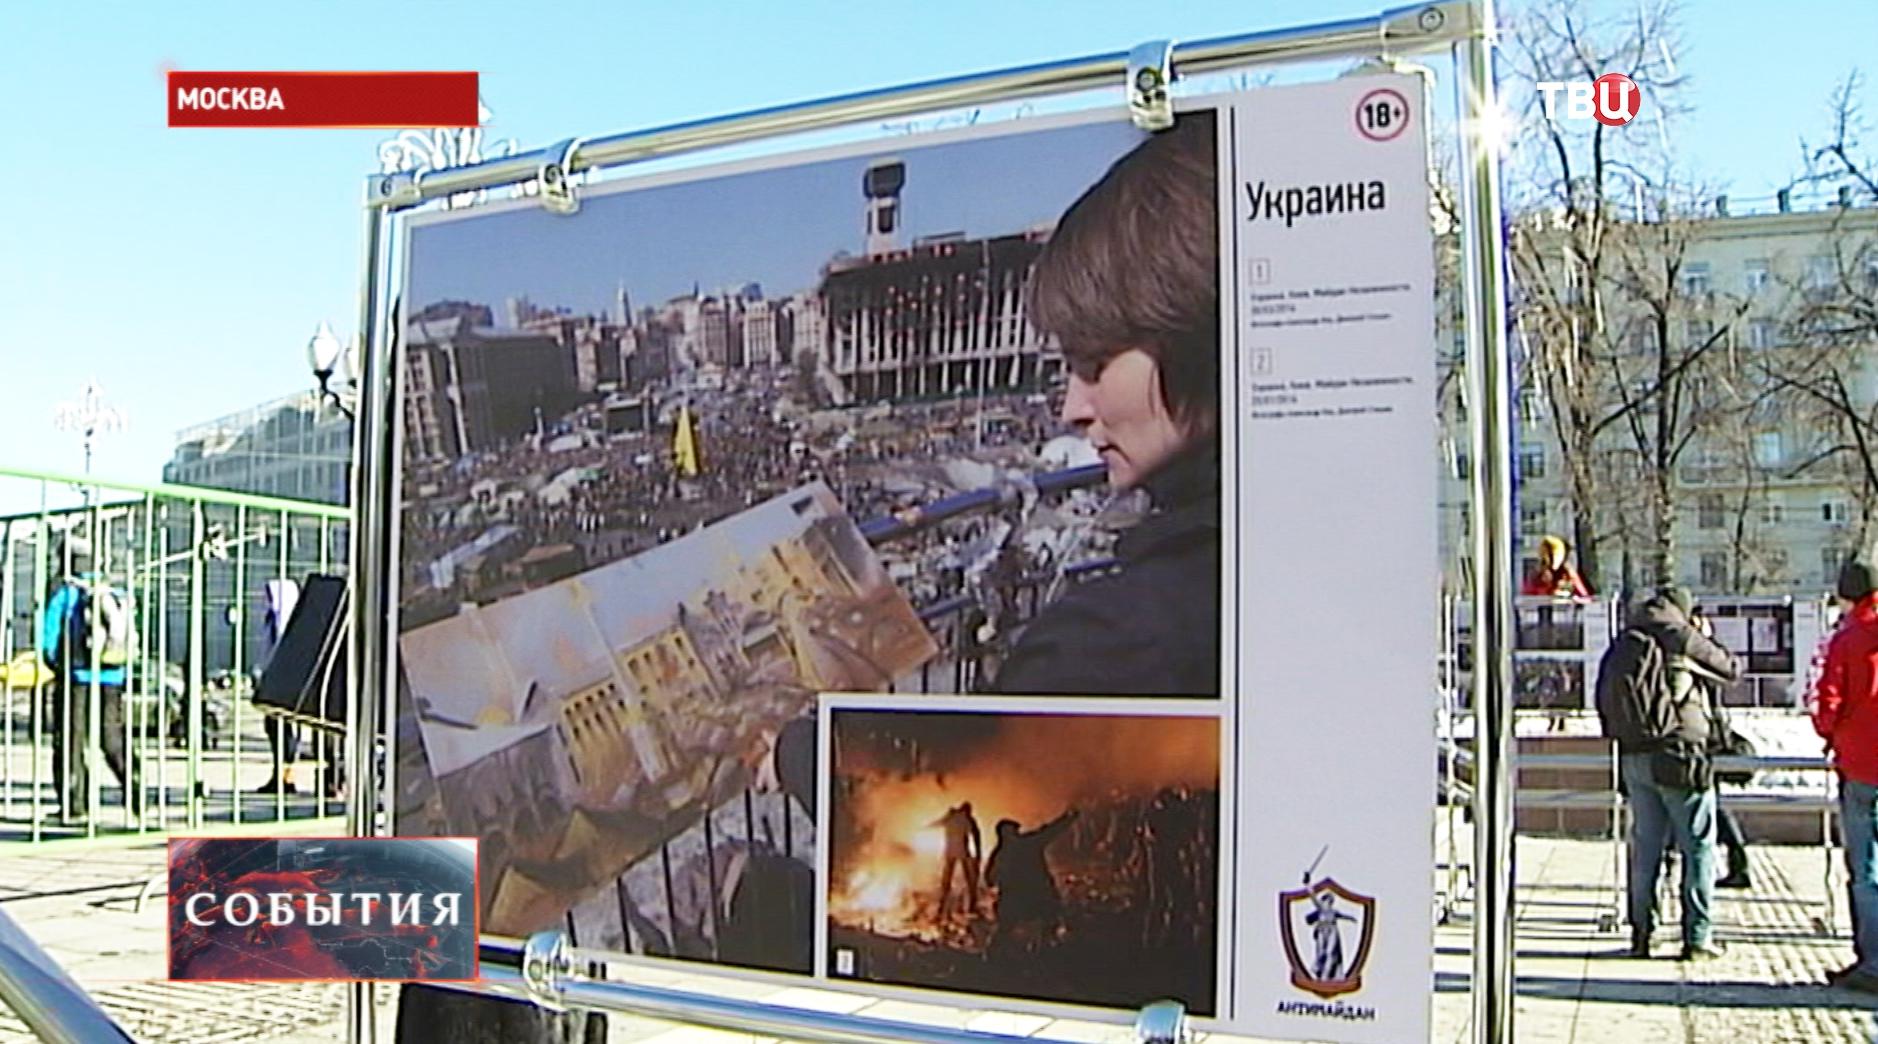 """Фотовыставка """"Лицо американской демократии"""" в Москве"""